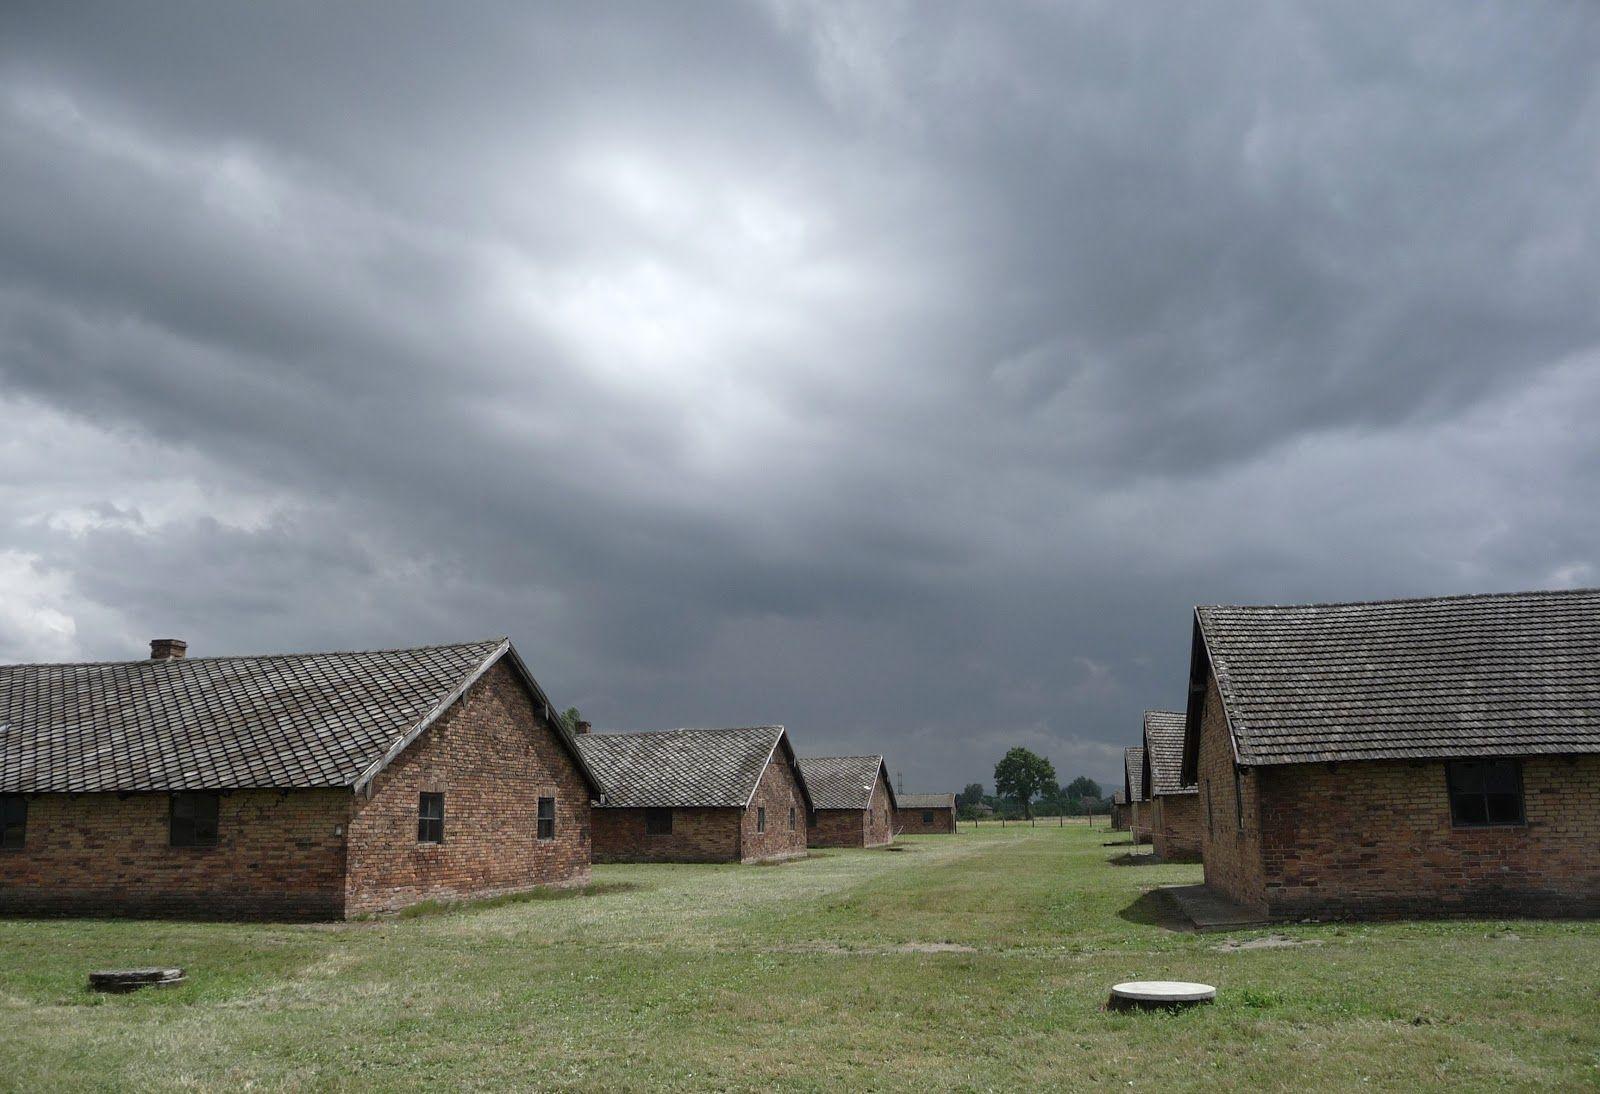 Los barracones de Birkenau